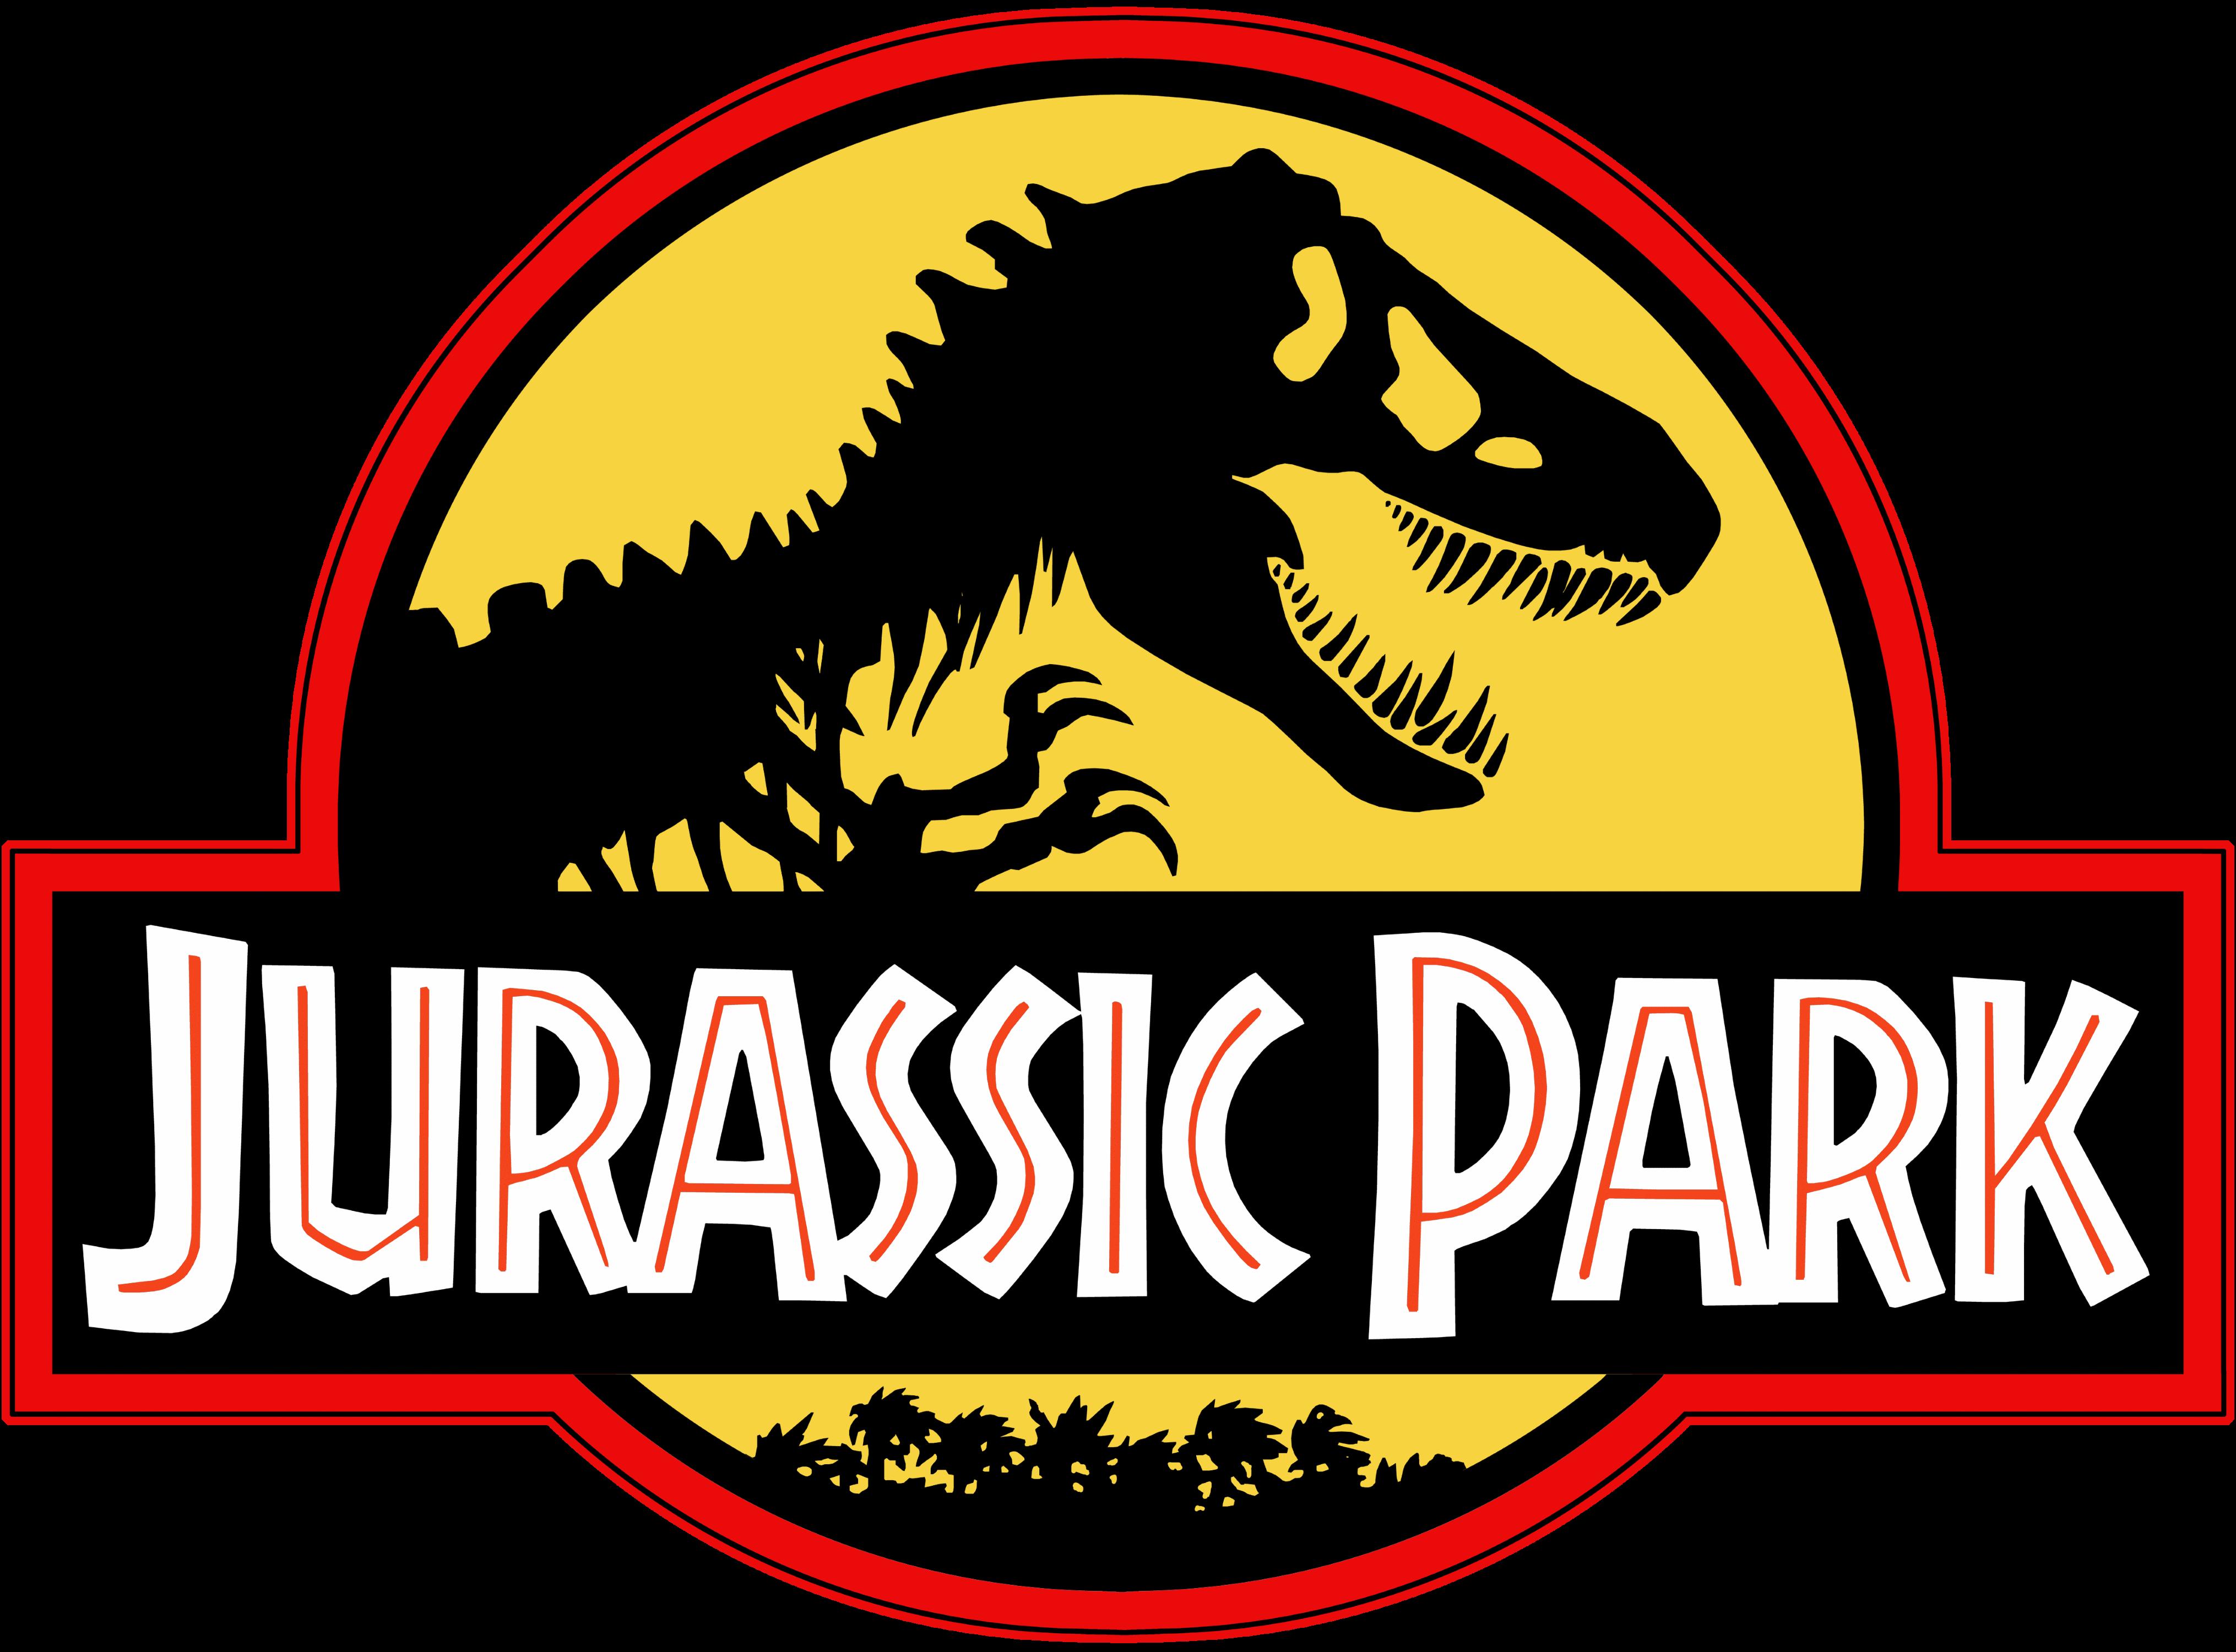 Movie - Jurassic Park Wallpaper - Jurassic Park PNG